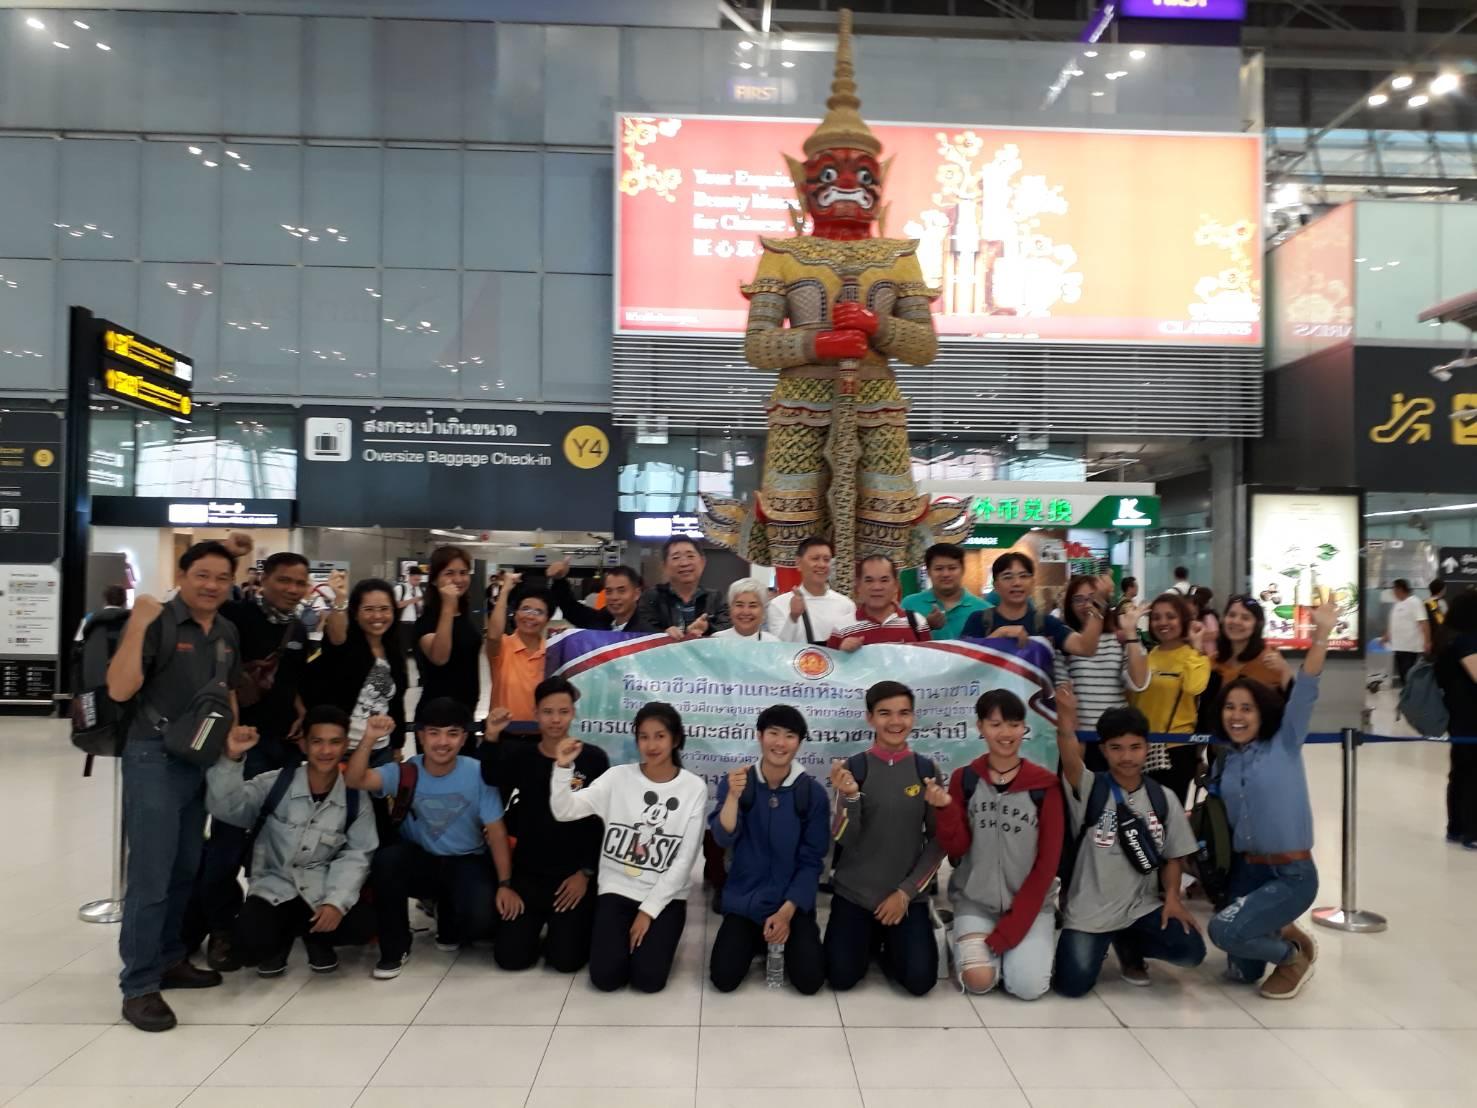 ชวนร่วมส่งกำลังใจเชียร์ 3 ทีมอาชีวะไทยแข่งขันแกะสลักหิมะประเทศจีน